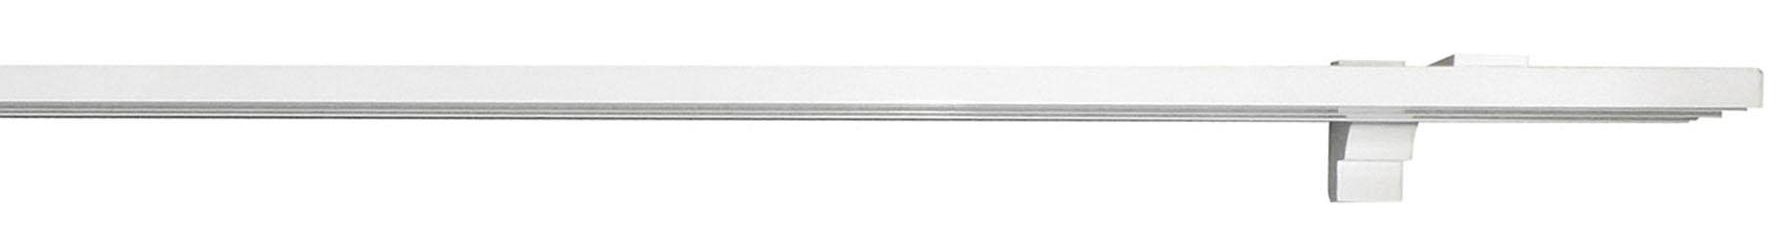 Gardinenschiene, indeko, »Alu-Flächenschiene«, 3-läufig nach Maß | Heimtextilien > Gardinen und Vorhänge > Gardinenstangen | Weiss - Silber | Aluminium - Metall | indeko